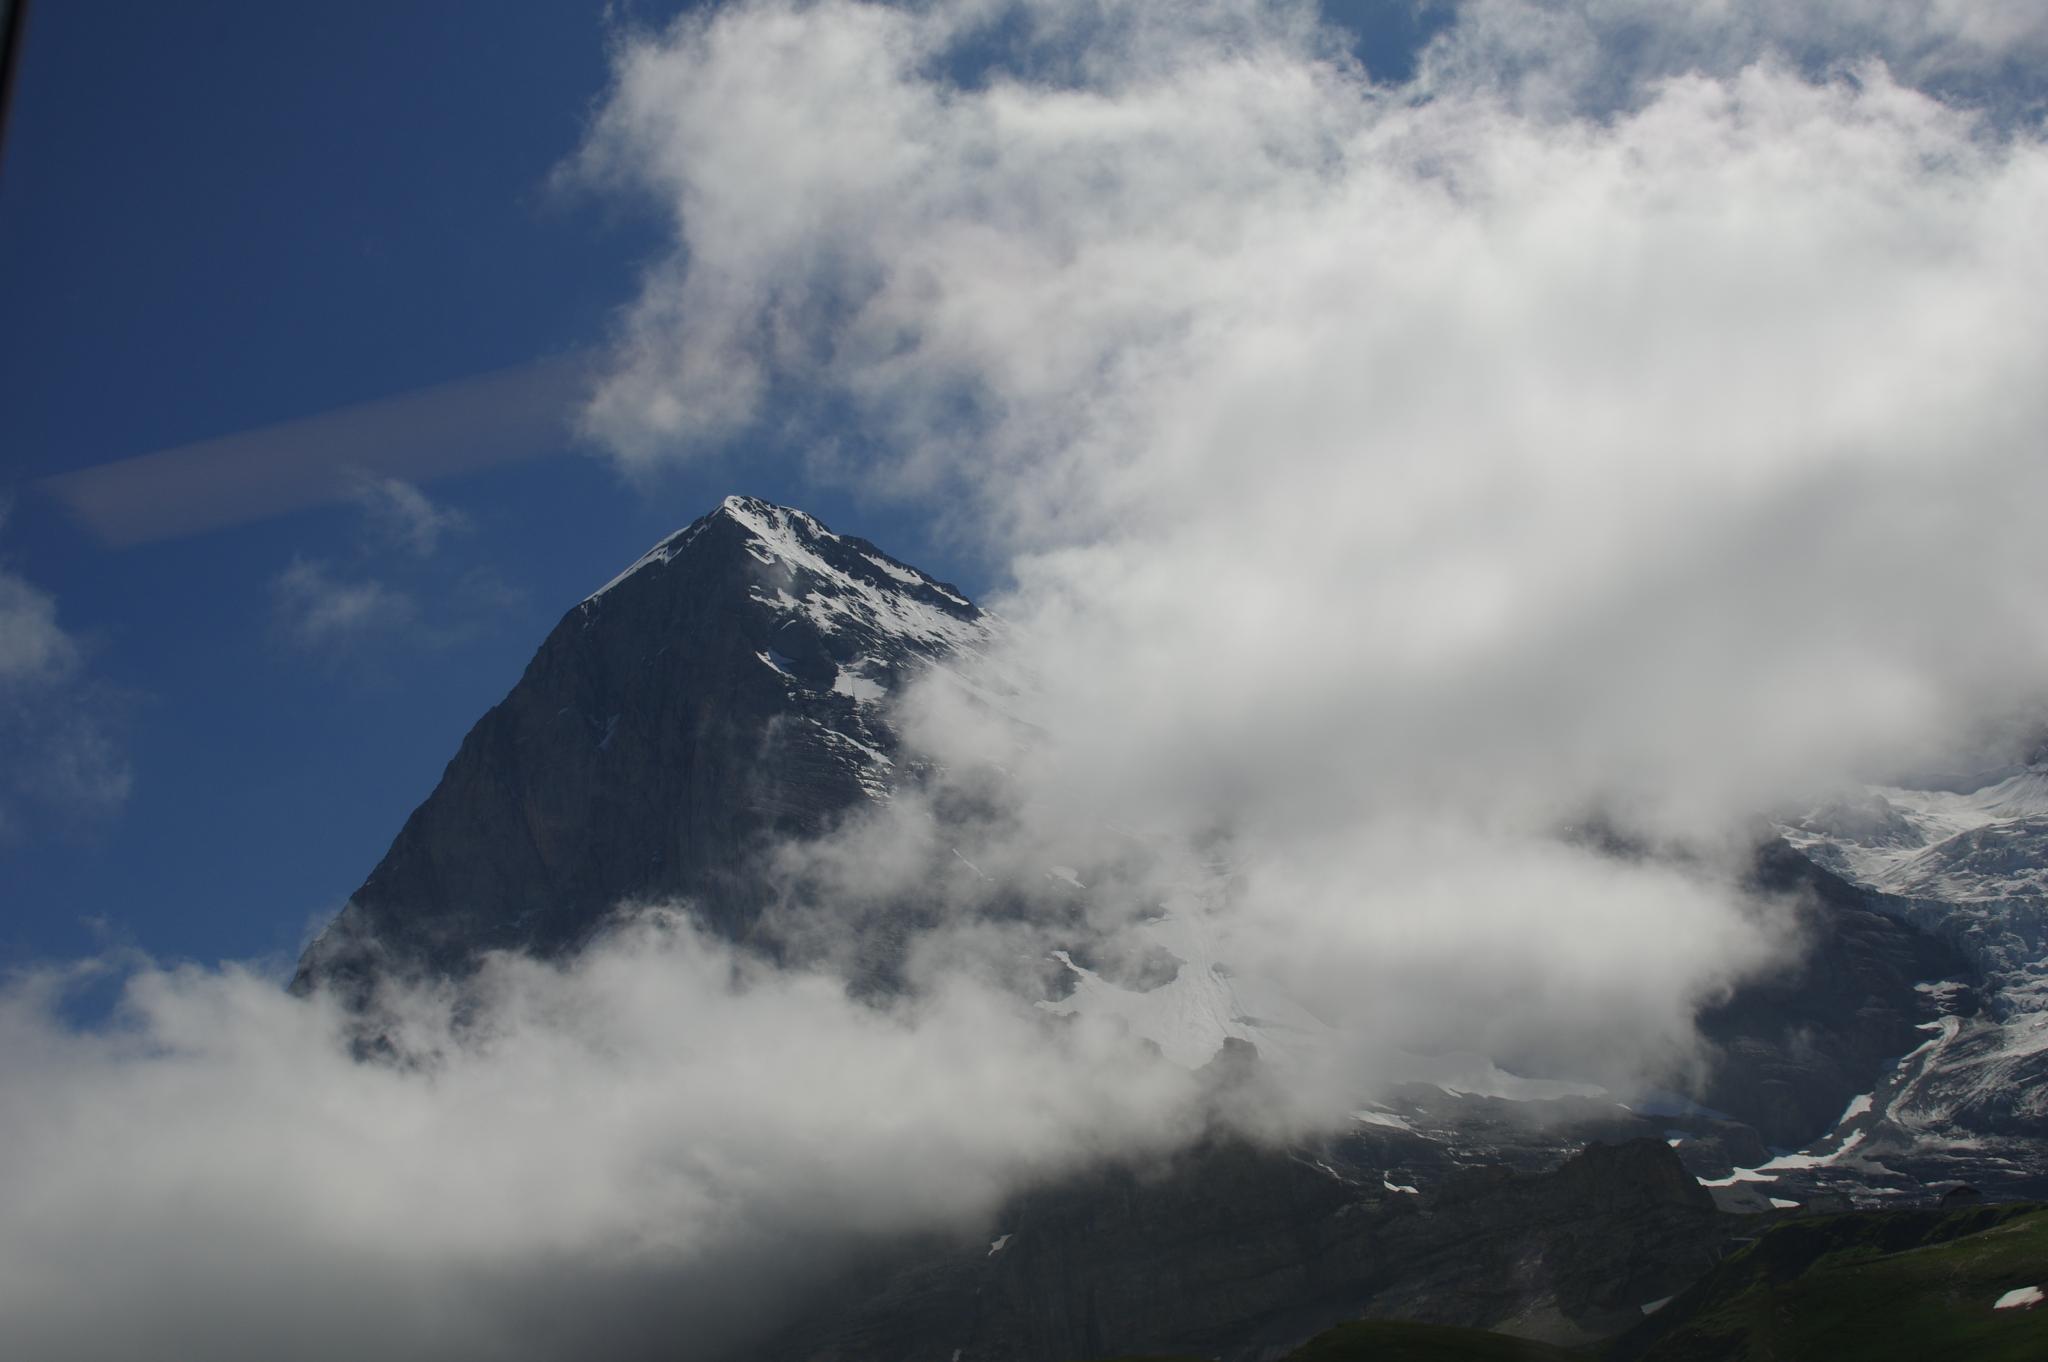 The Eiger by Geoff Munro